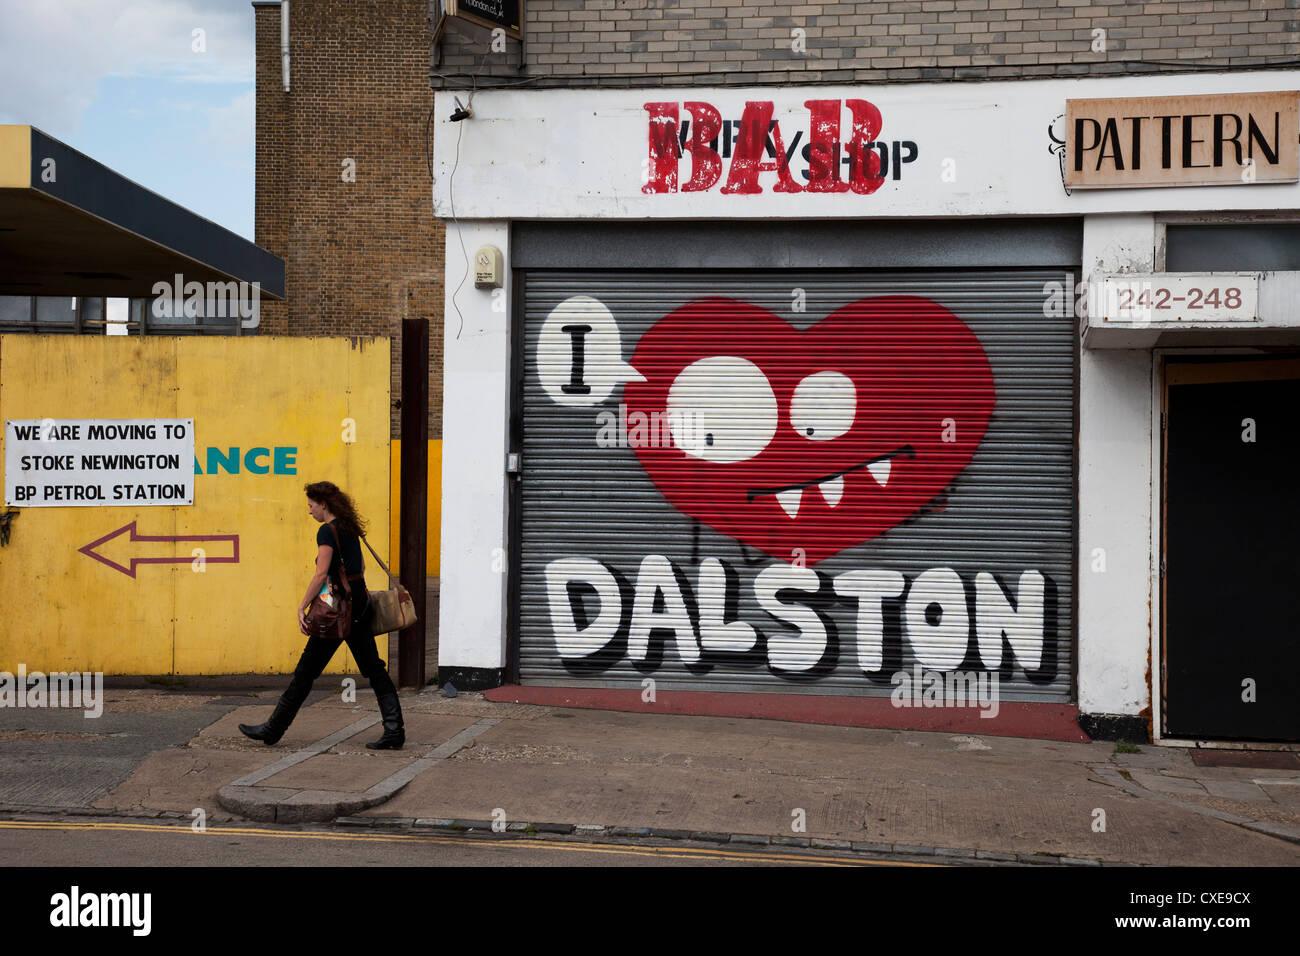 J'aime le Dalston street art graffiti volets dans ce mode East End de Londres, au Royaume-Uni. Photo Stock